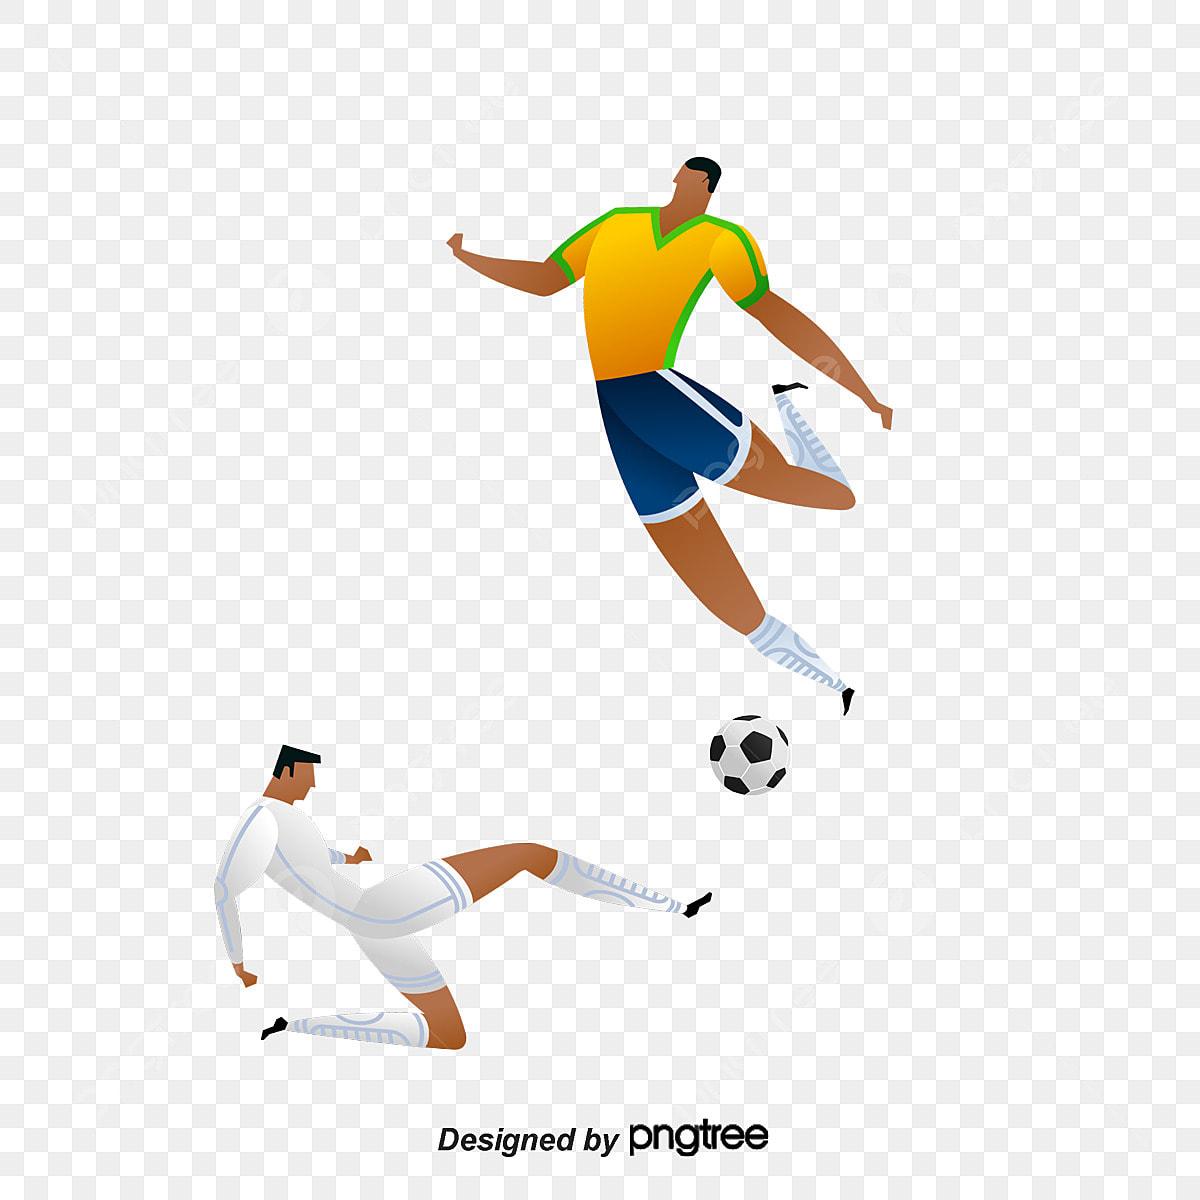 Splash Sukan Pertandingan Sukan Perlawanan Bola Sepak Piala